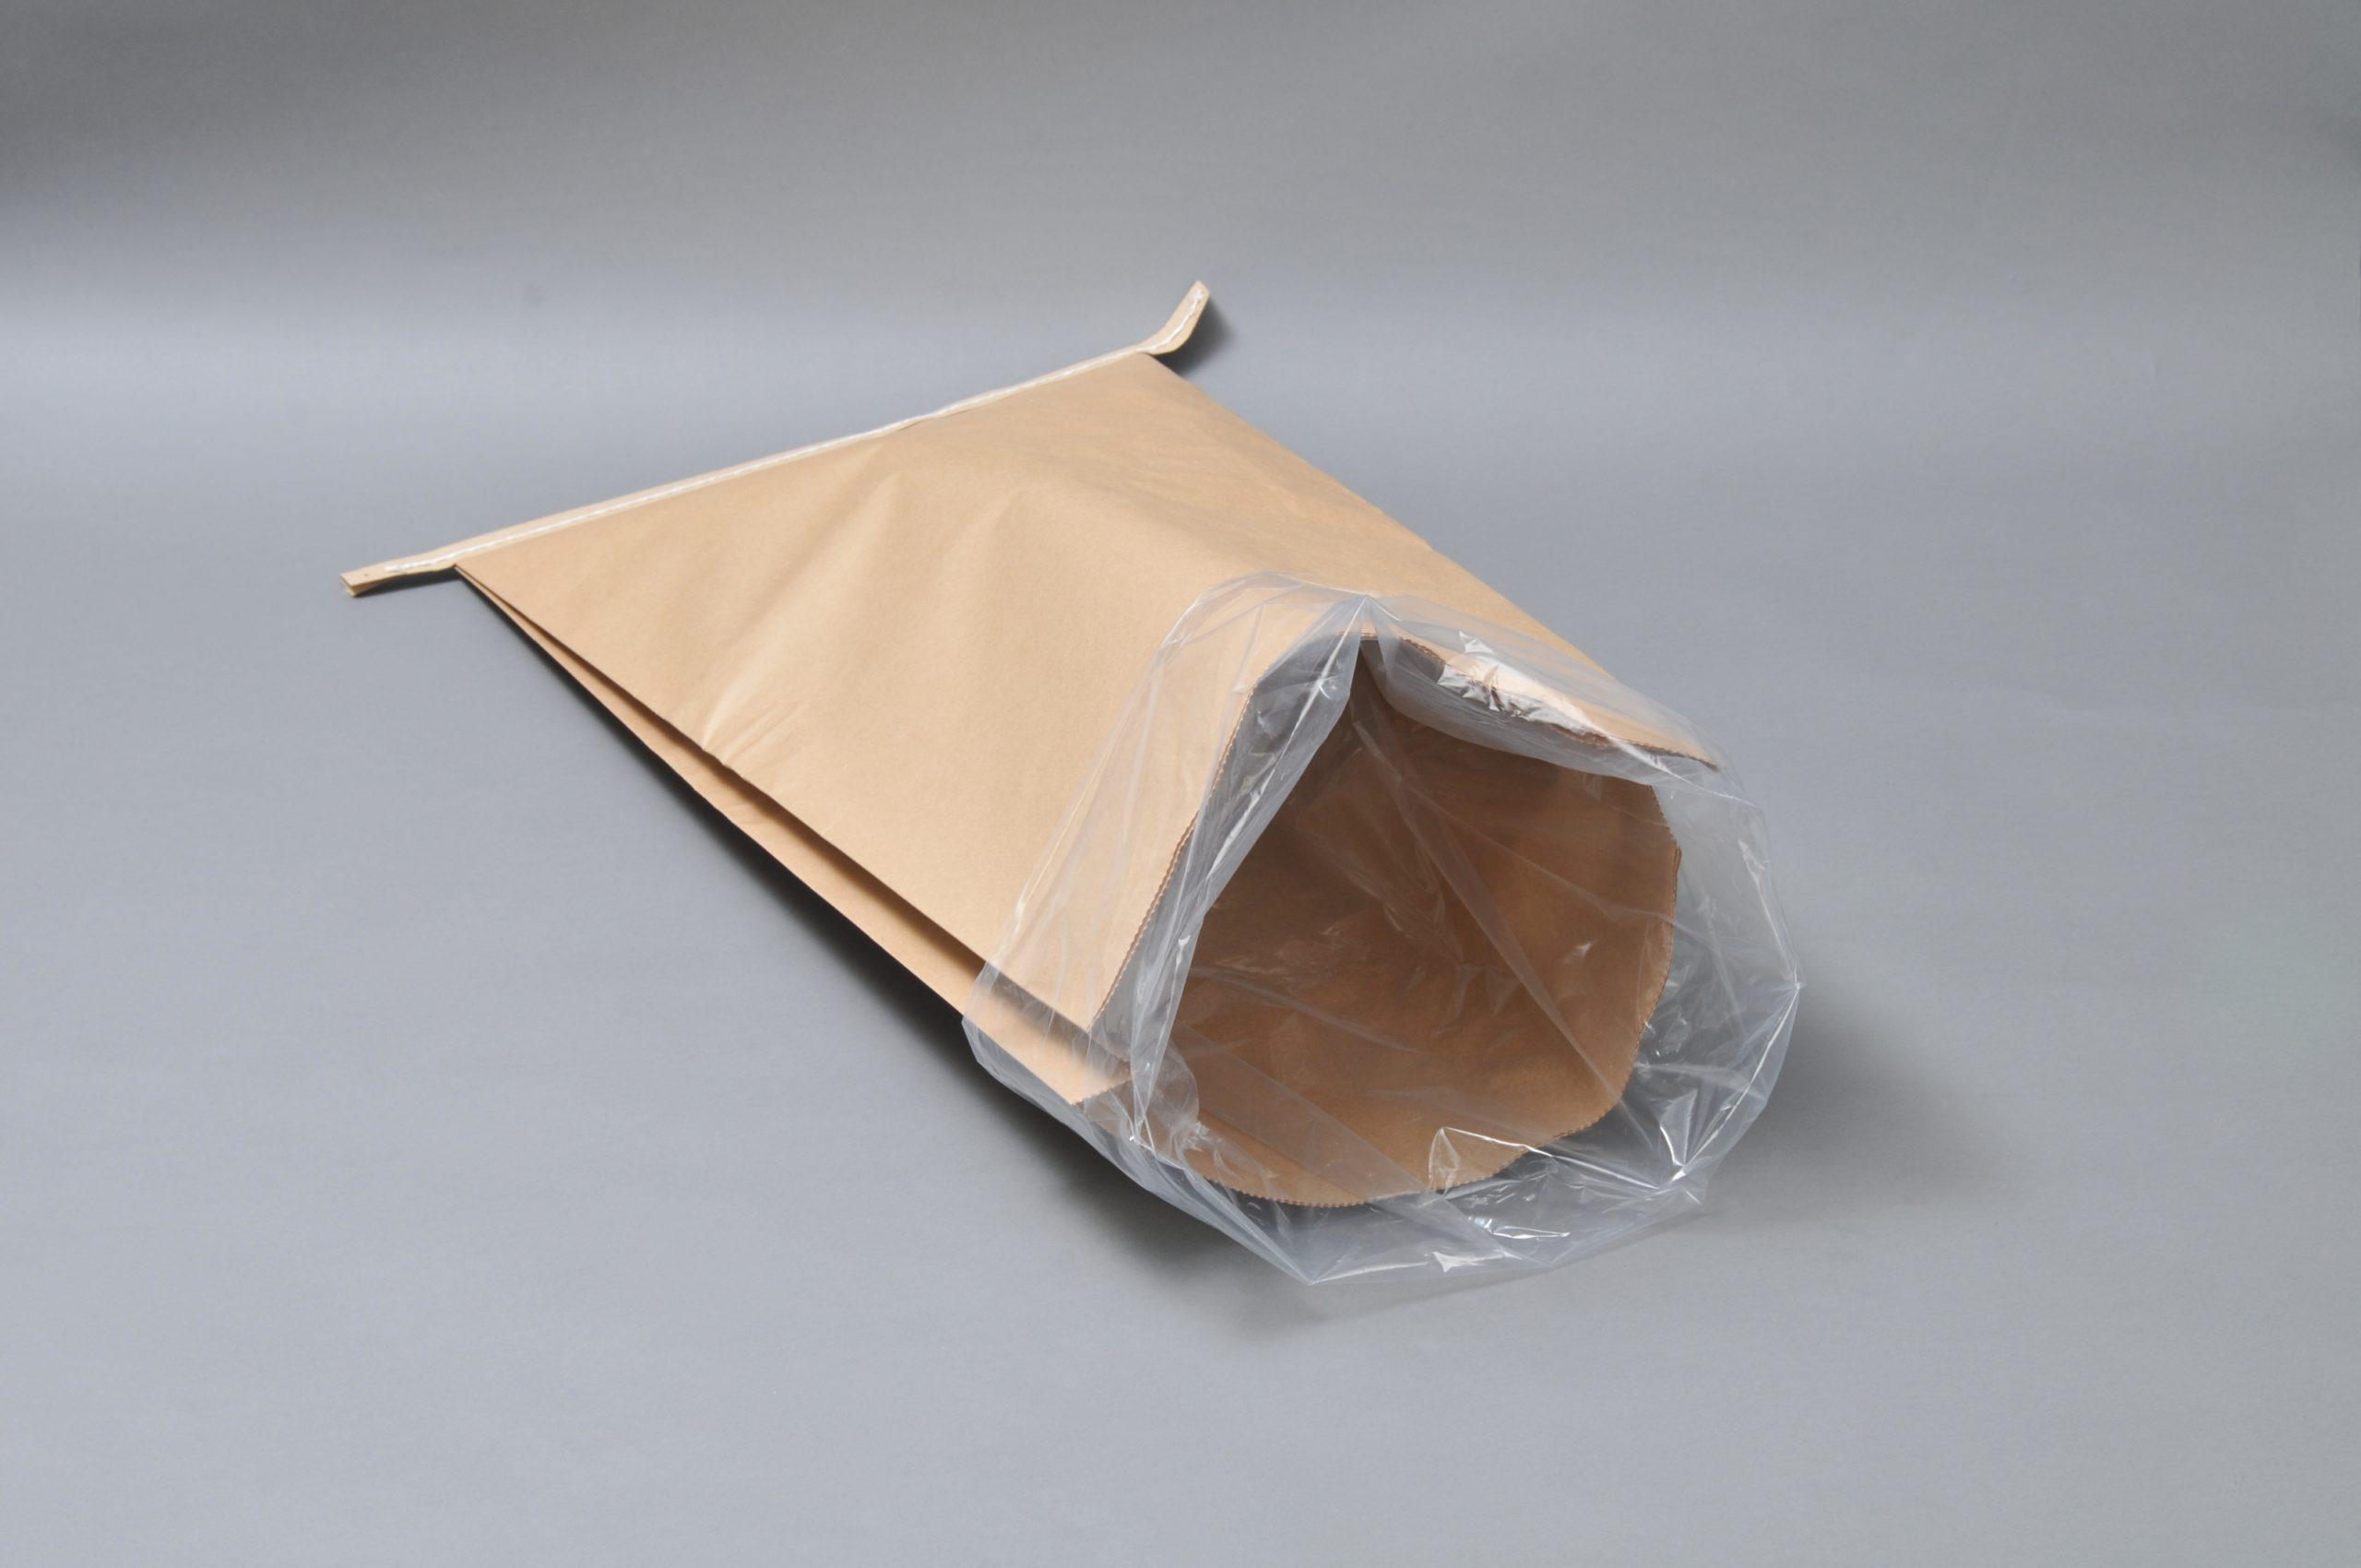 クラフト紙とチューブを同時製袋加工出来る長尺原反が欲しい。